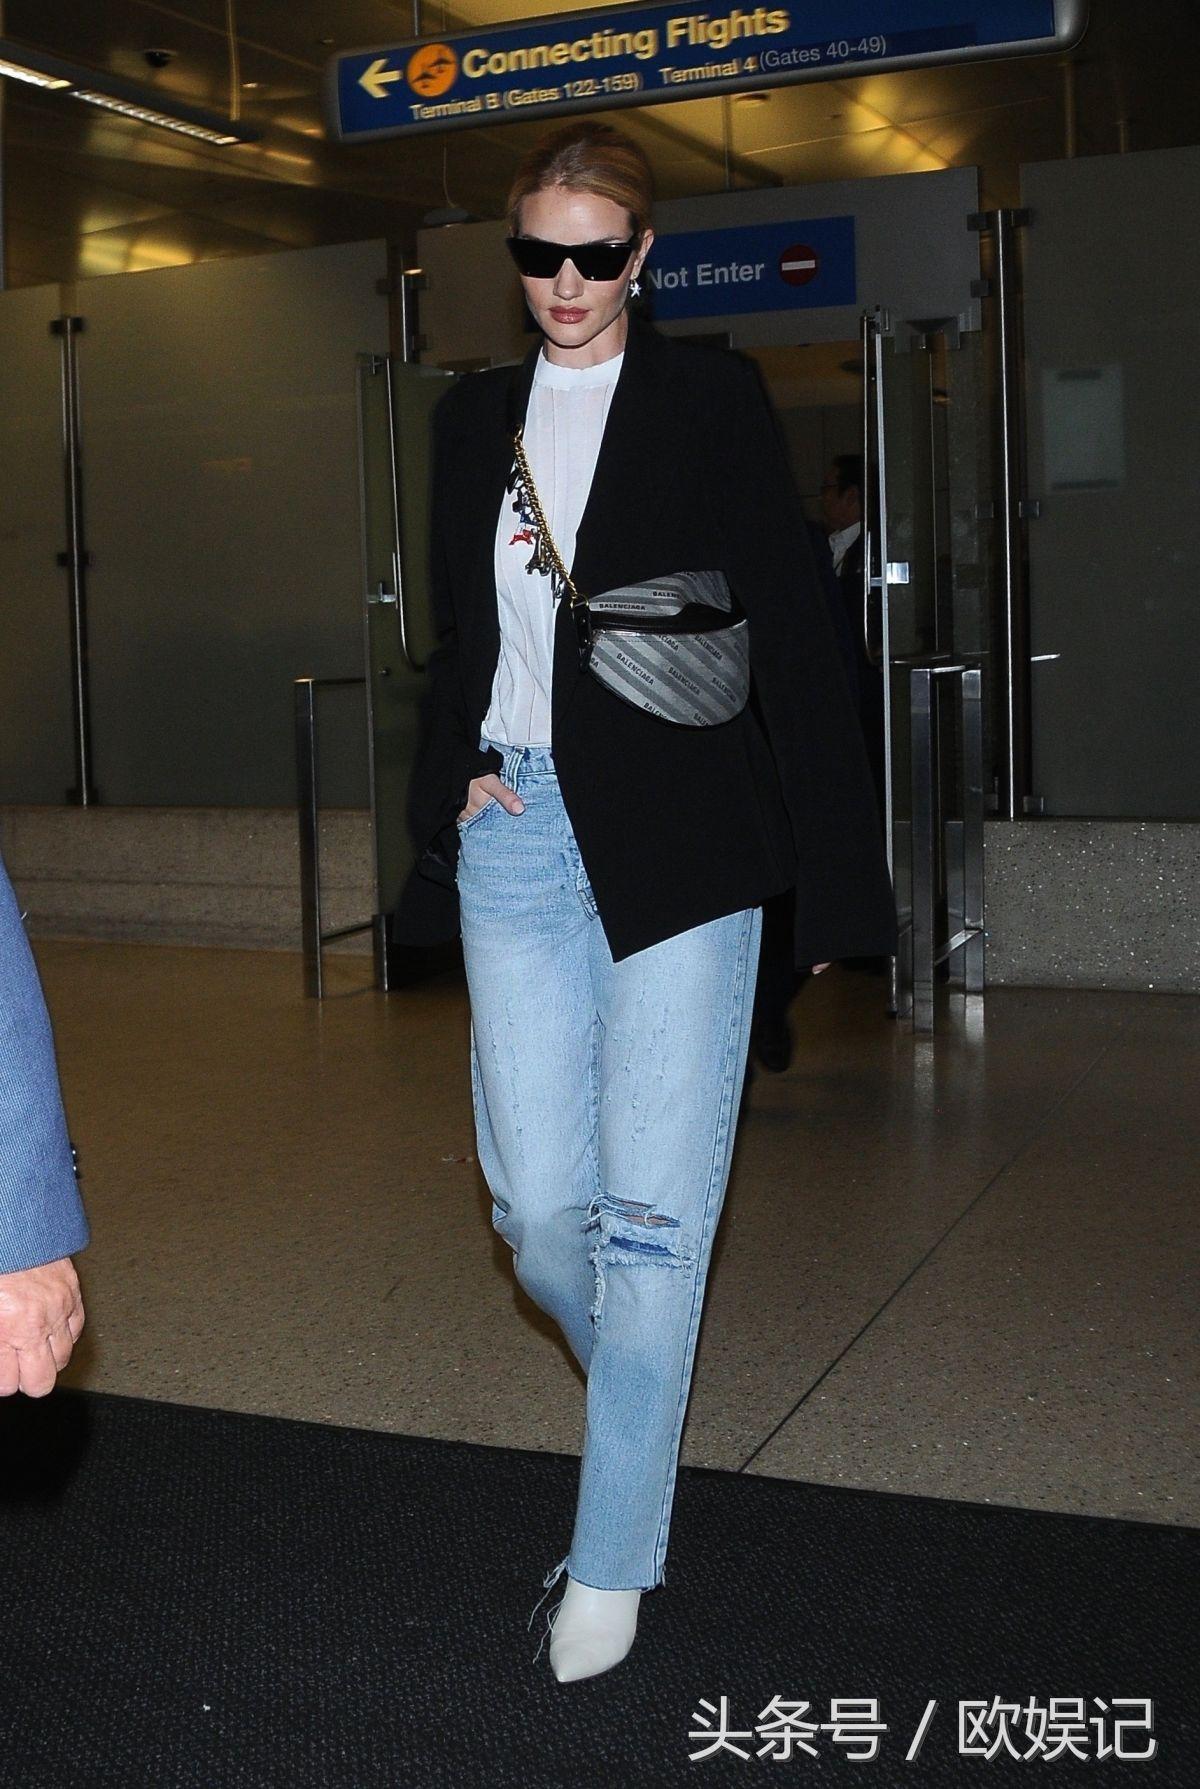 杰森斯坦森的老婆,戴墨镜现身机场,她真是时髦又霸气!